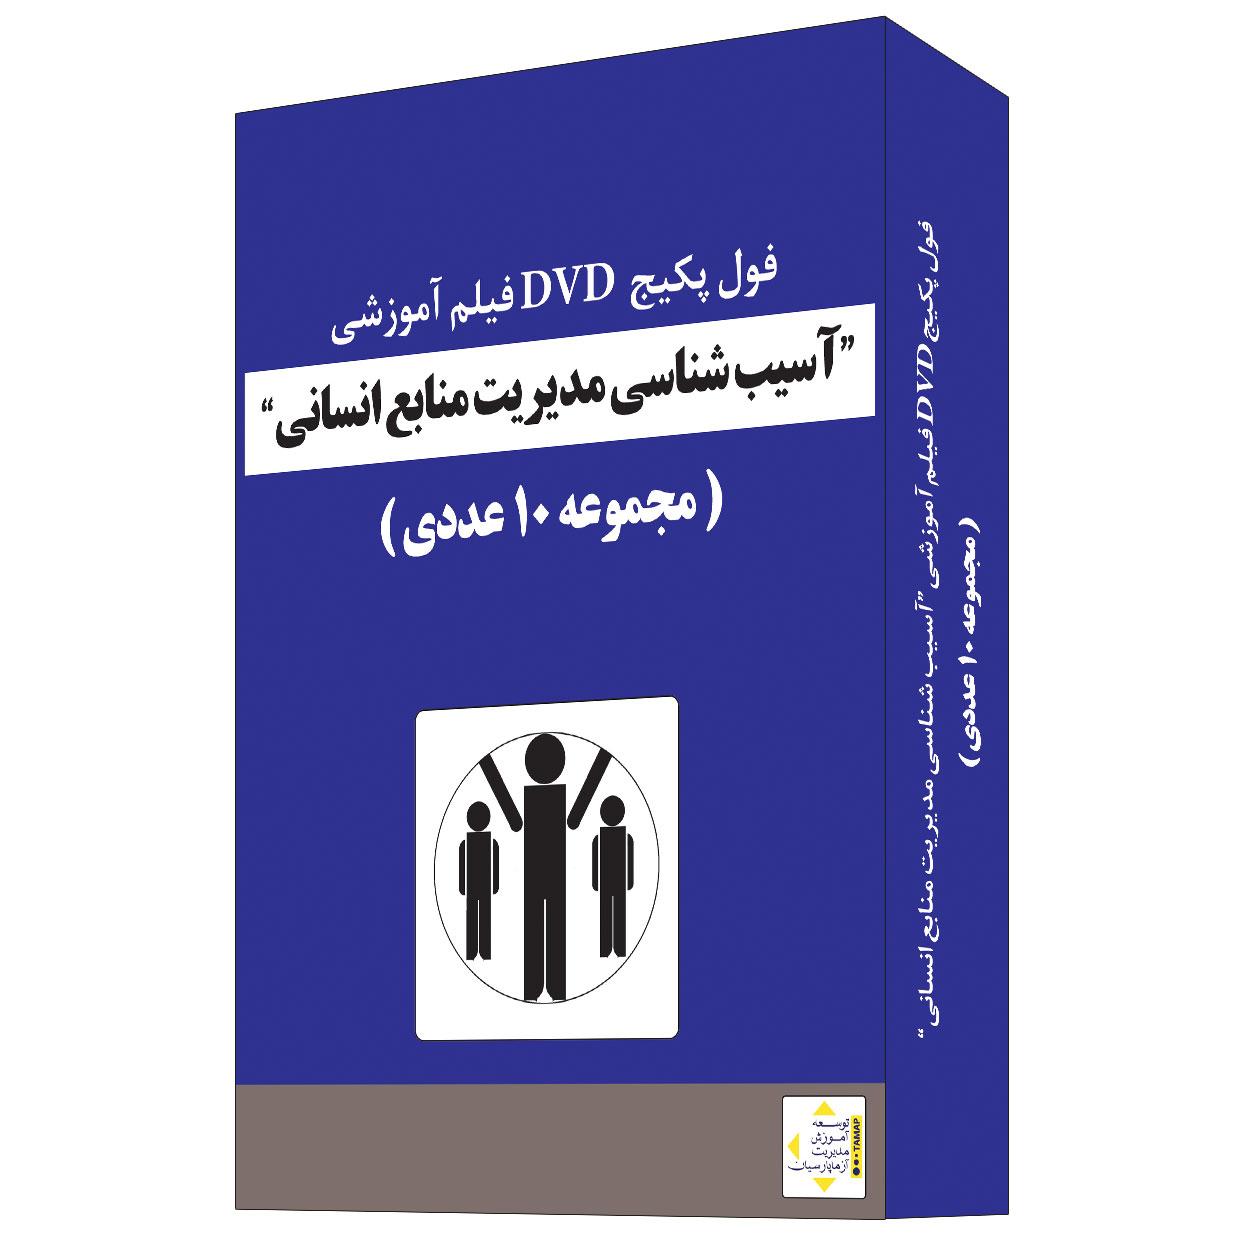 ویدئو آموزش آسیب شناسی مدیریت منابع انسانی نشر آزما پارسیان مجموعه 10 عددی